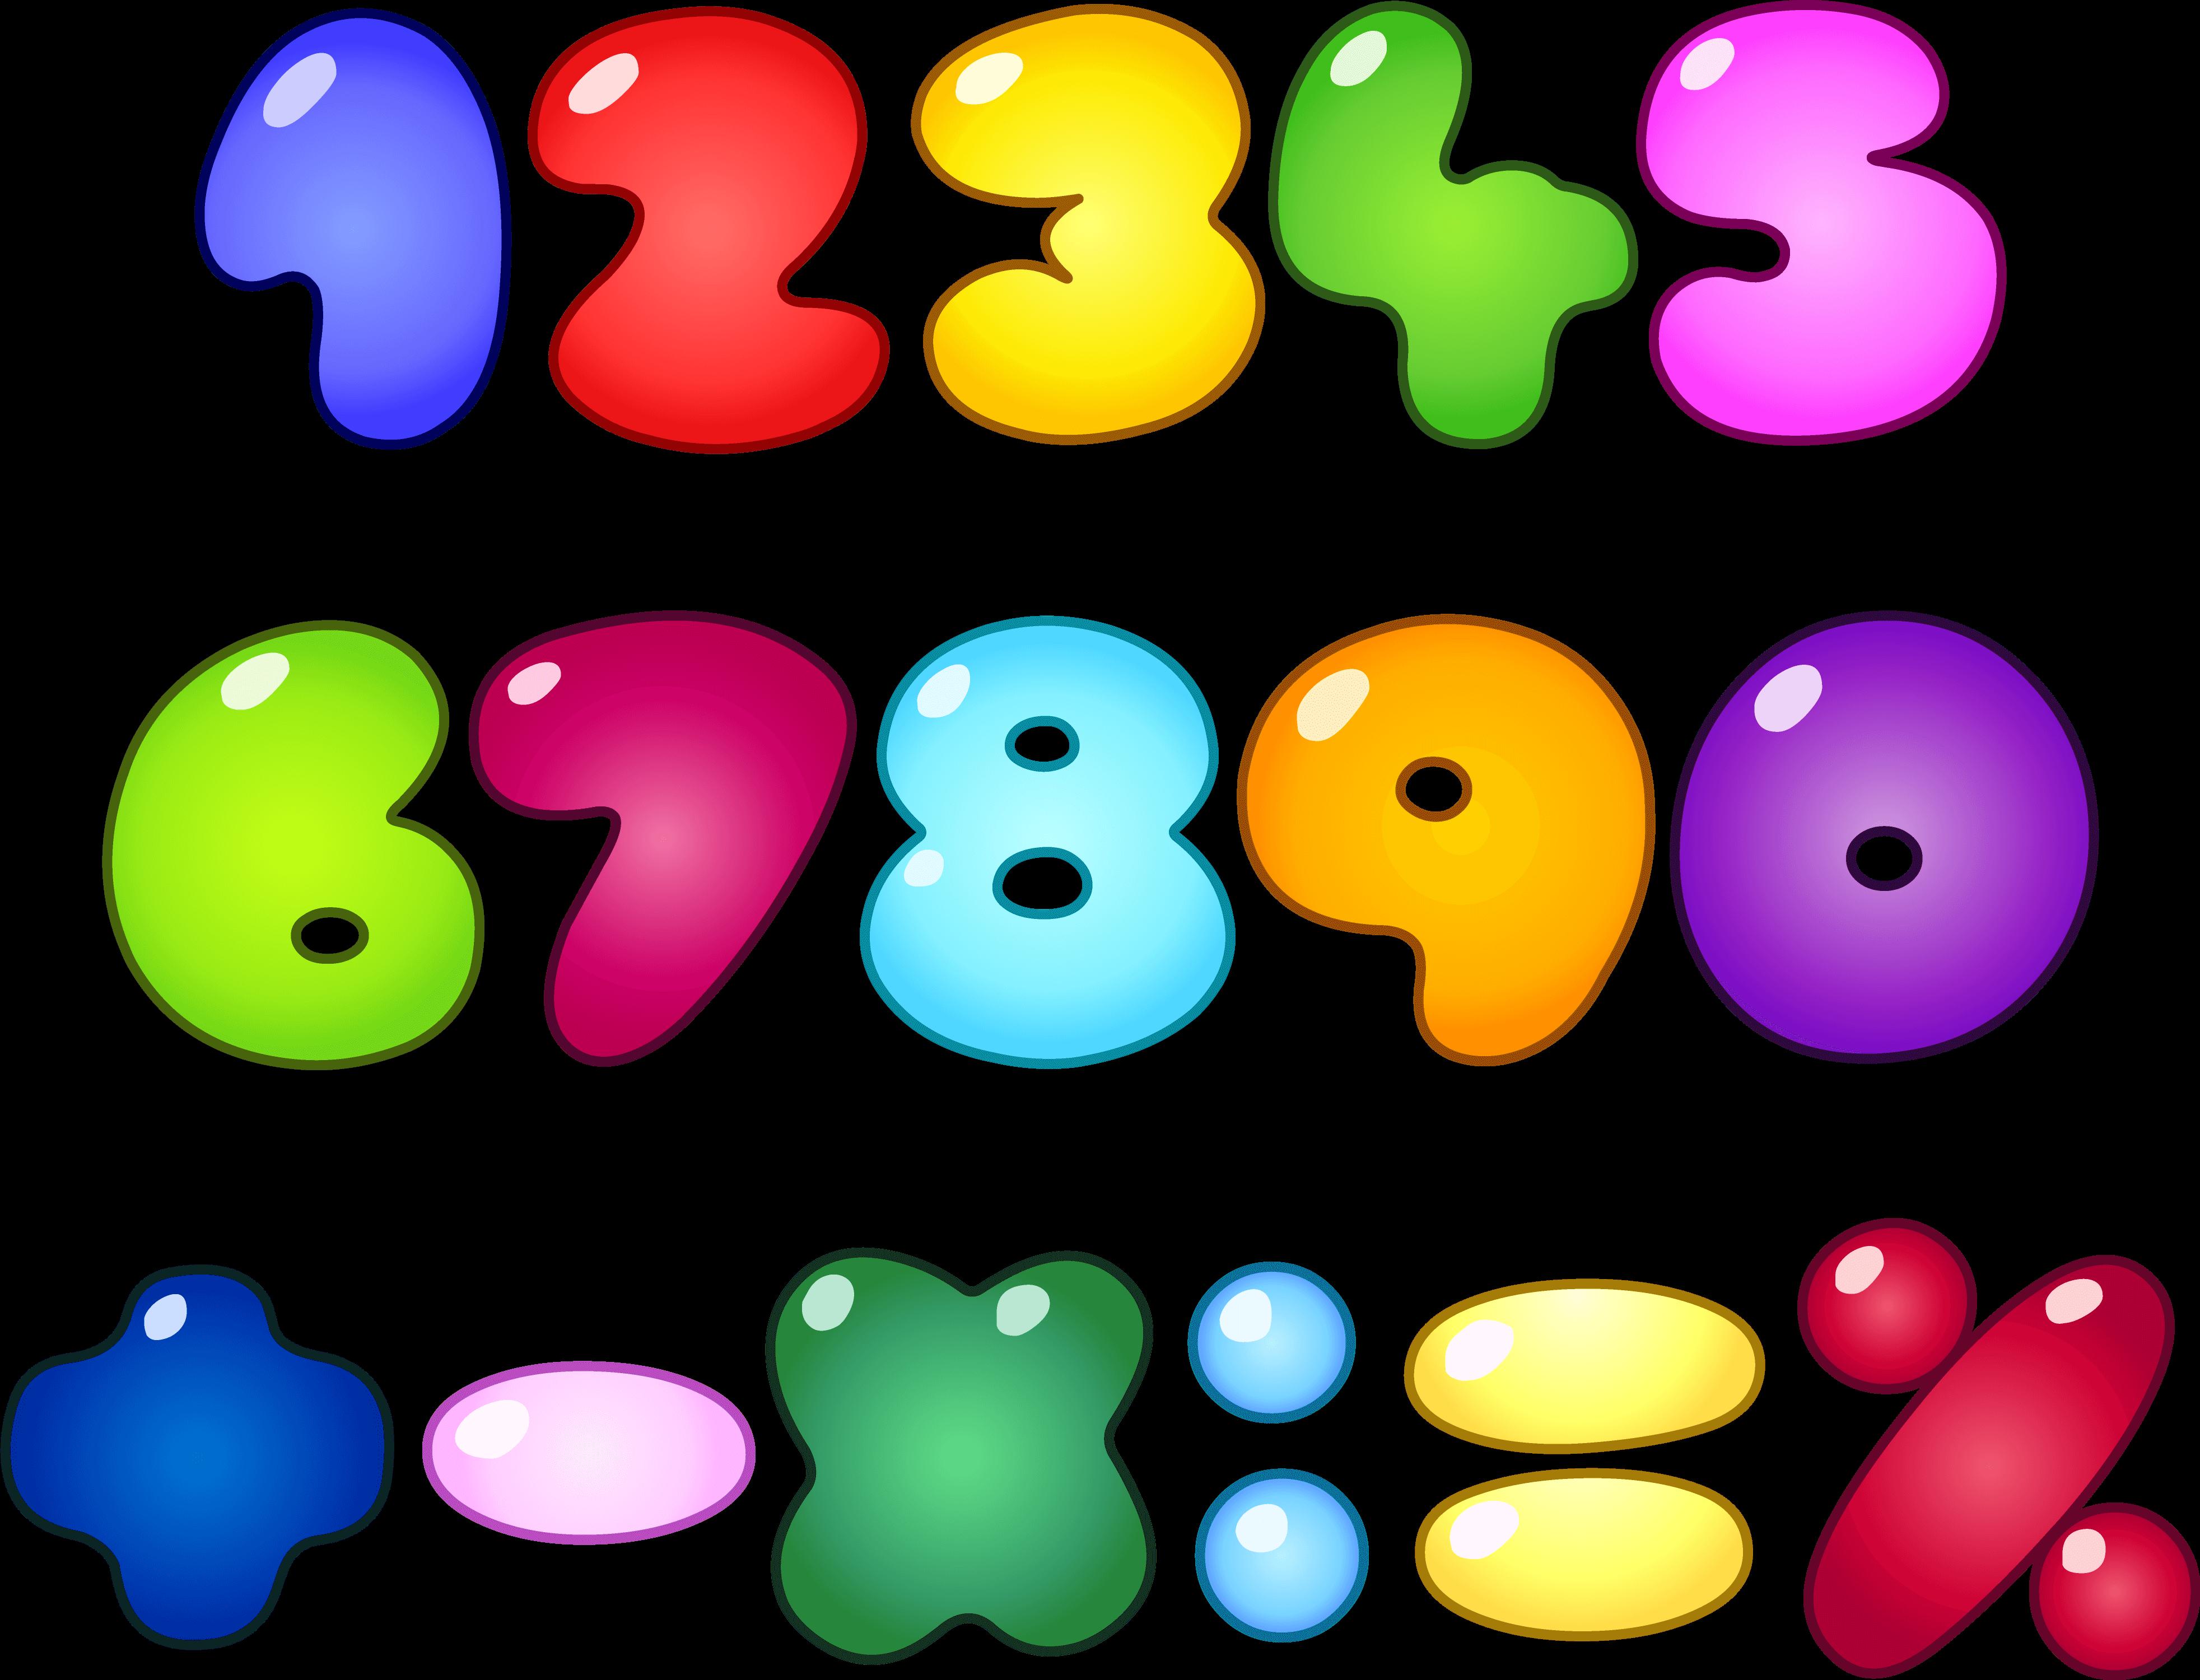 תמונה של מספרים